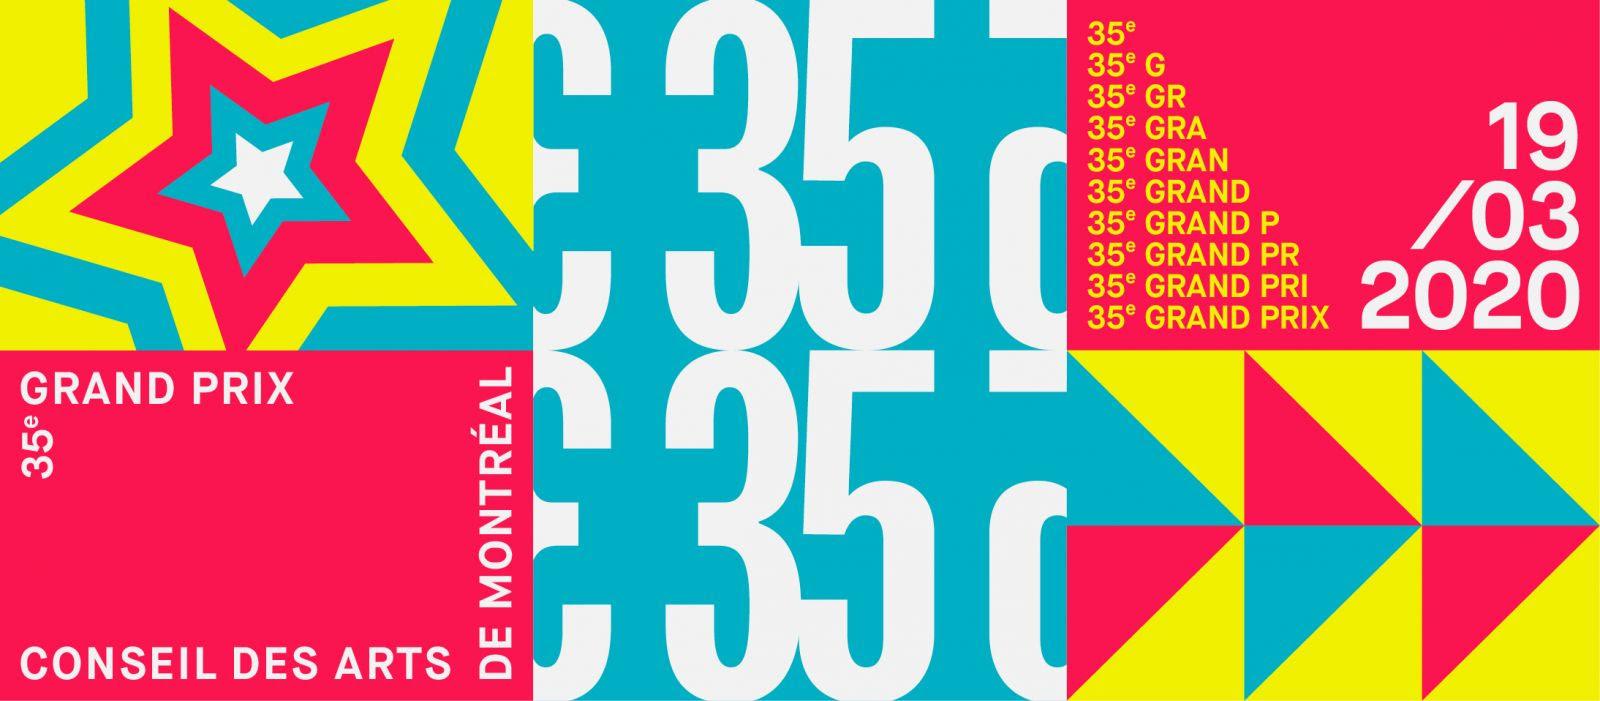 Les finalistes du 35e Grand Prix du Conseil des arts de Montréal sont dévoilés!